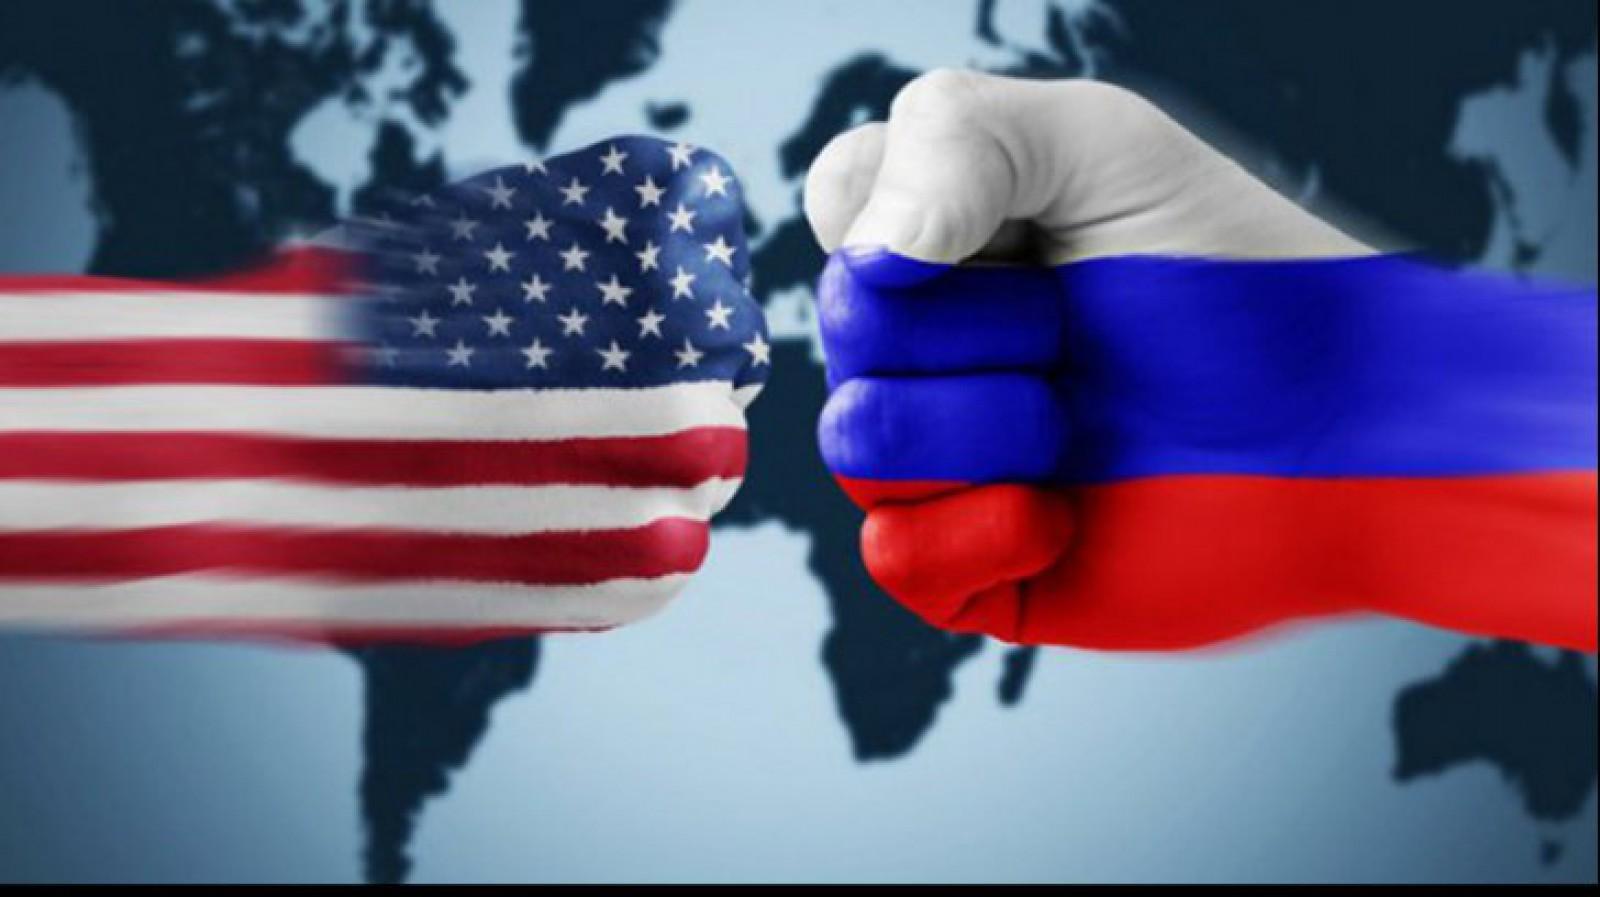 Dezvăluire bombă: O societate comercială rusească ar fi preluat mai multe site-uri de știri din România